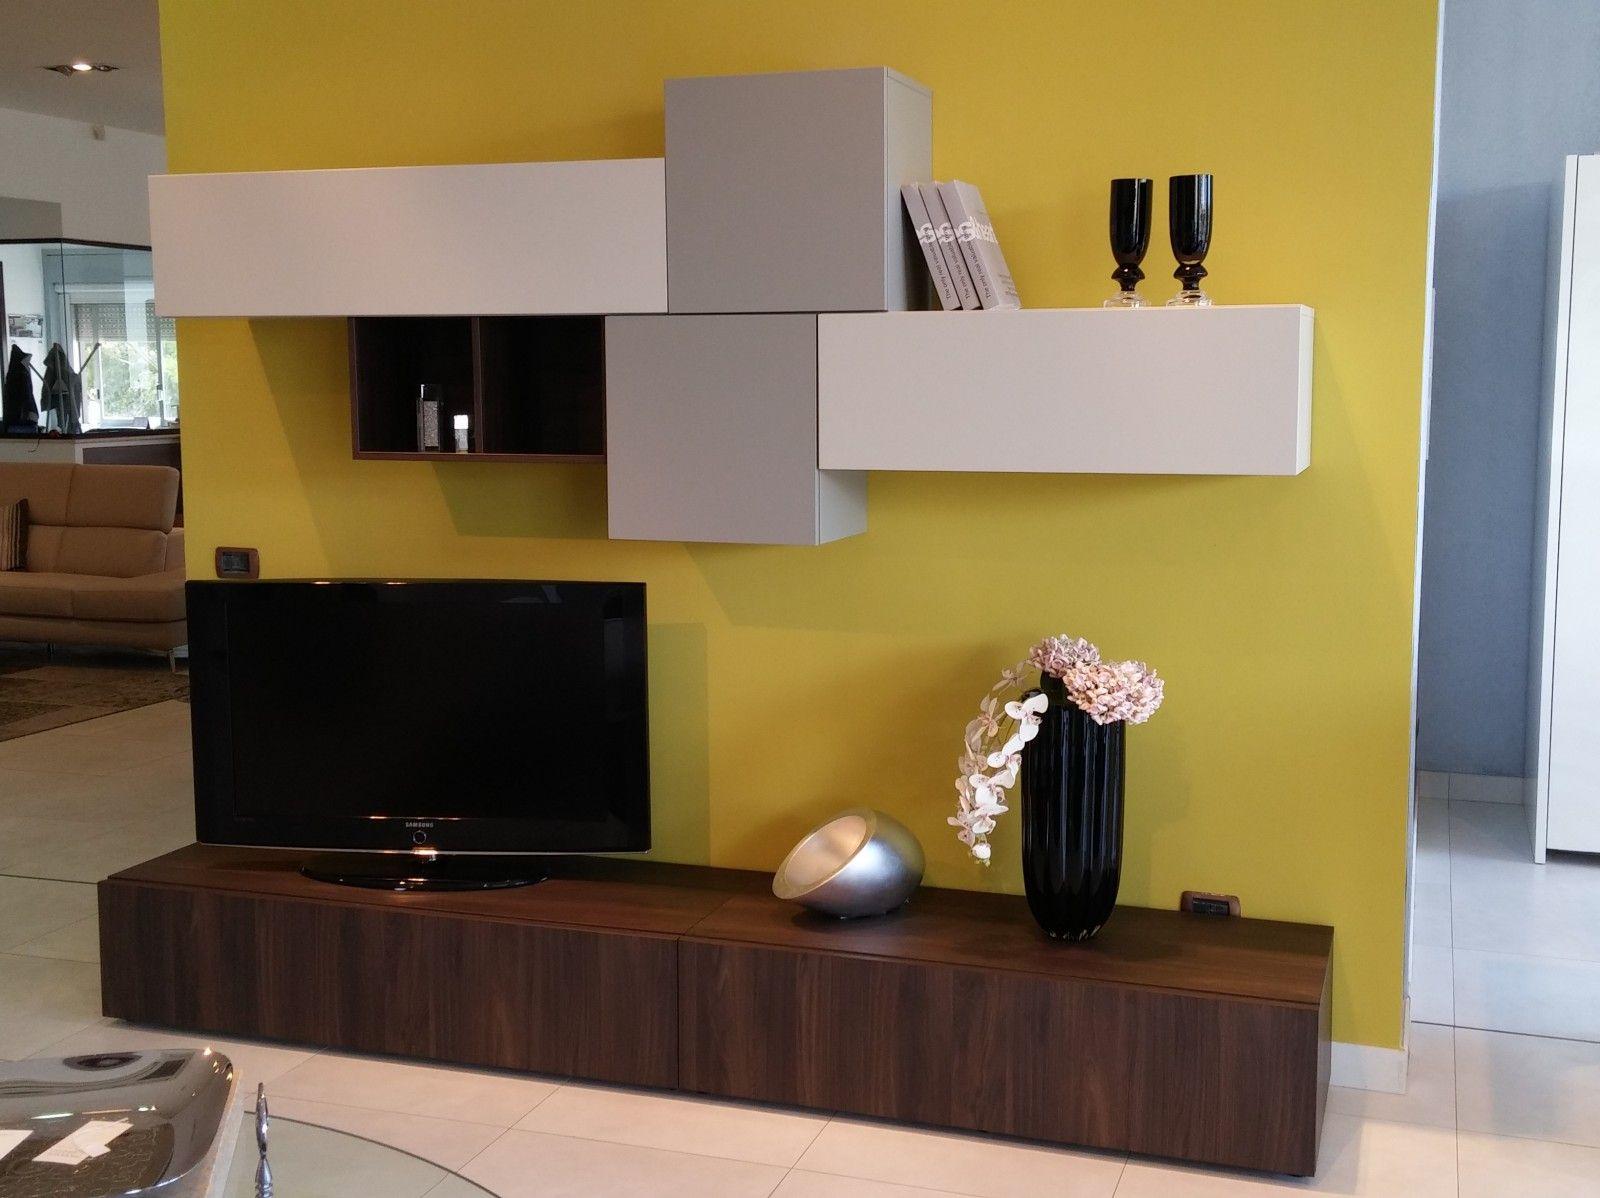 parete olmo e laccato | parete attrezzata | pinterest | parete ... - Parete Attrezzata Per Tv Logic 530